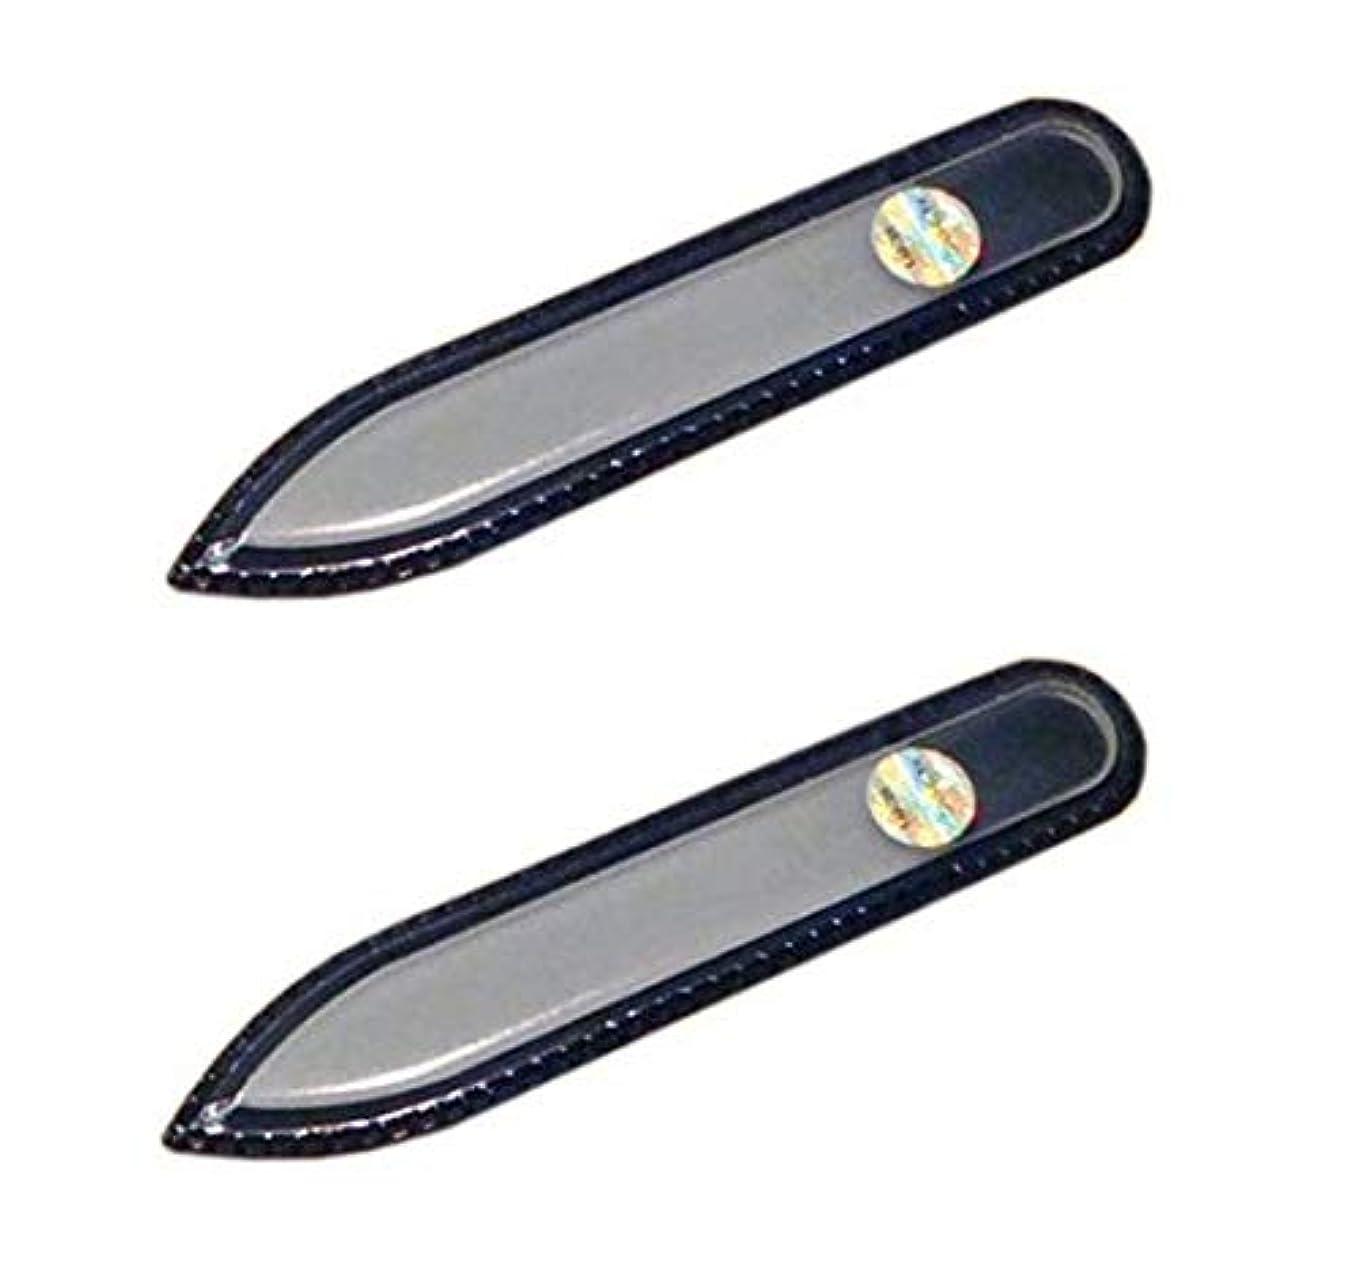 ラップトップ謎めいたダーリンブラジェク ガラス爪やすり 90mm 両面タイプ (ブラジェク ガラス爪やすり 90mm 両面タイプ 2個セット)